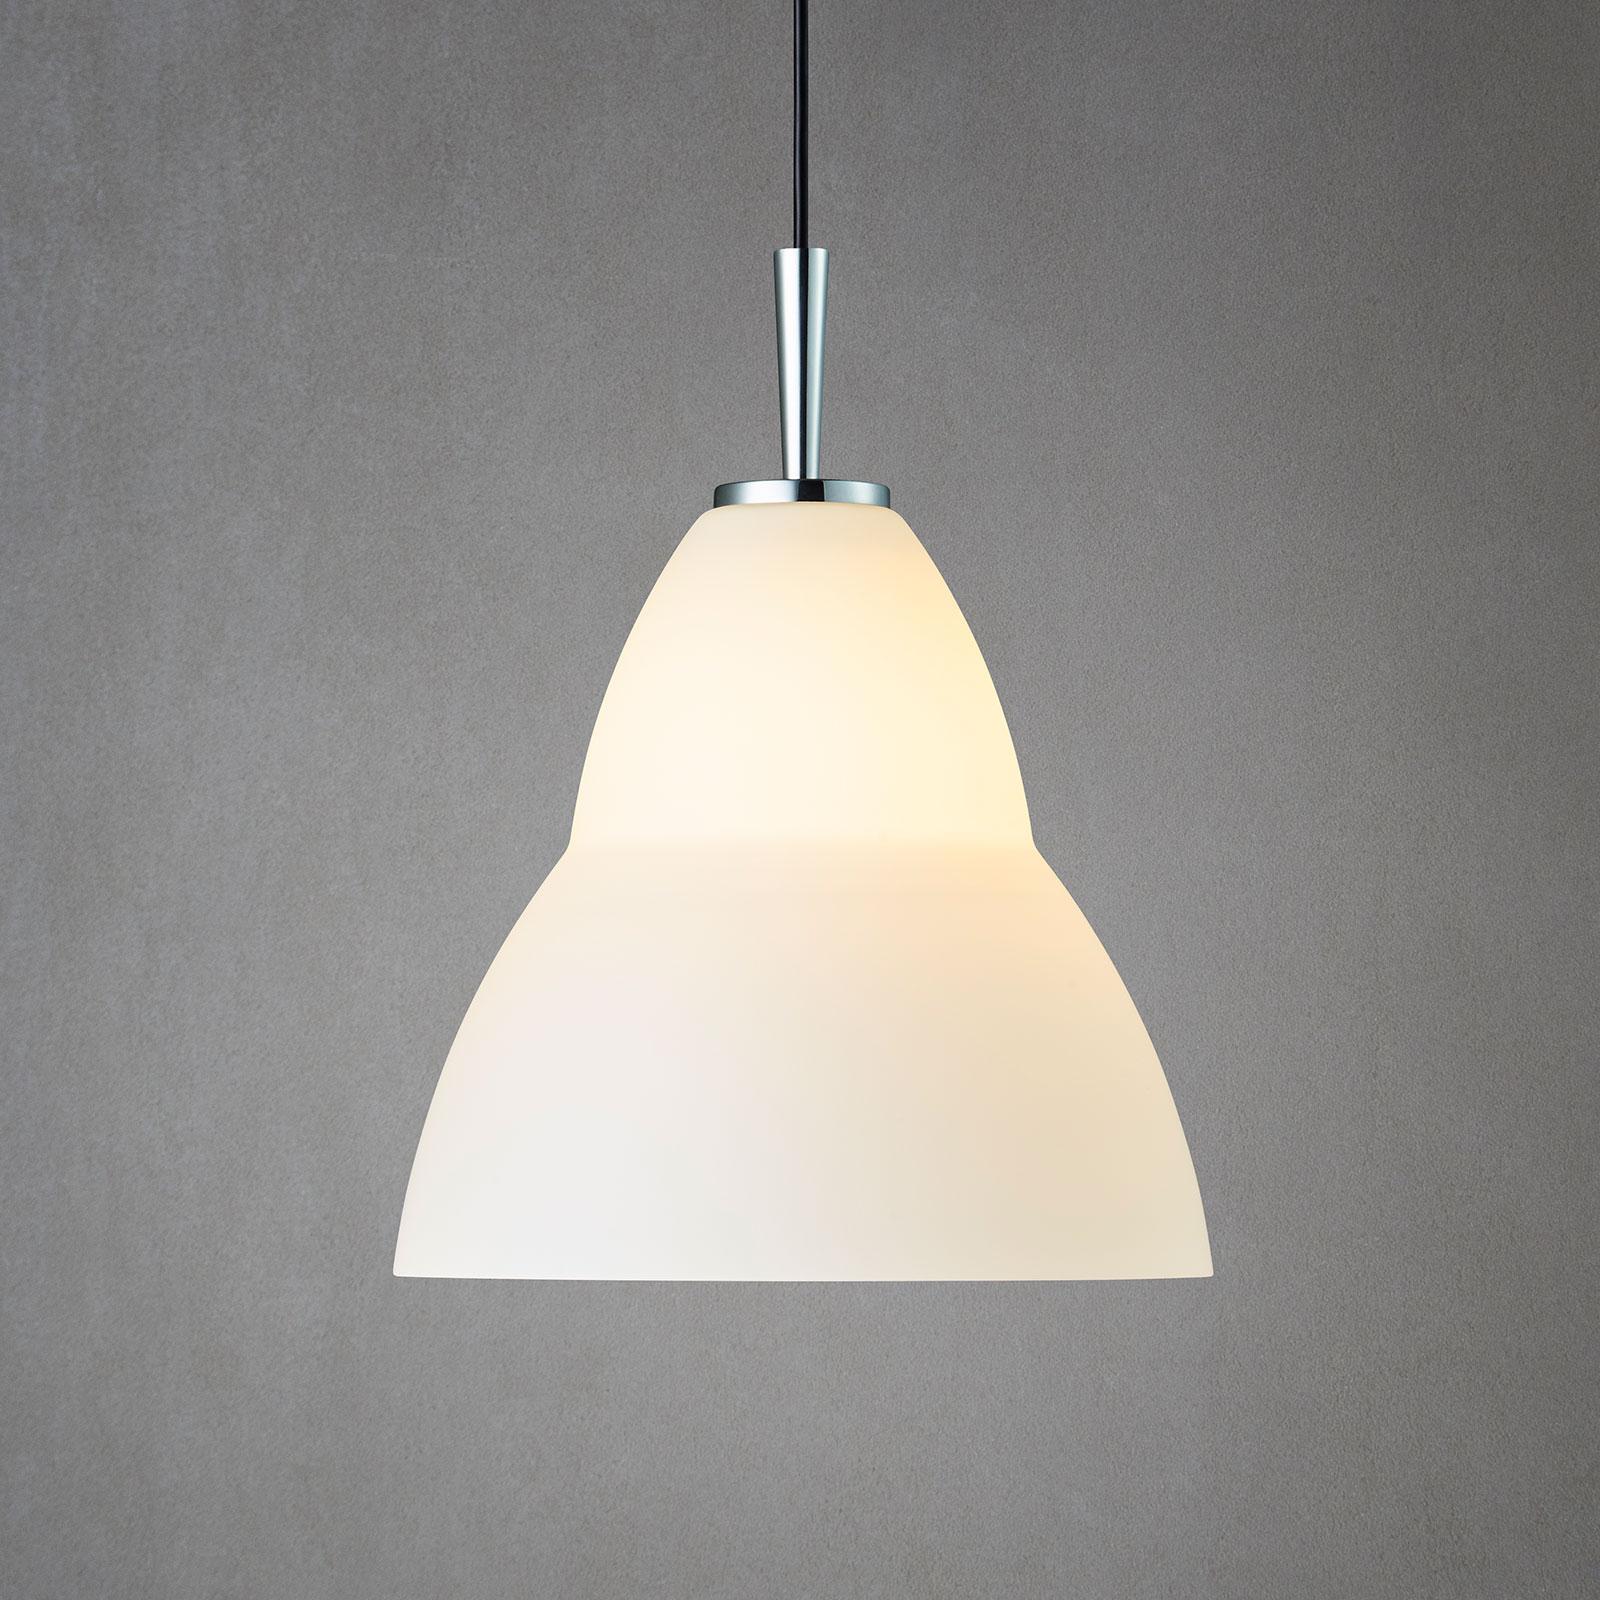 Szklana lampa wisząca Fico M, Ø 27 cm